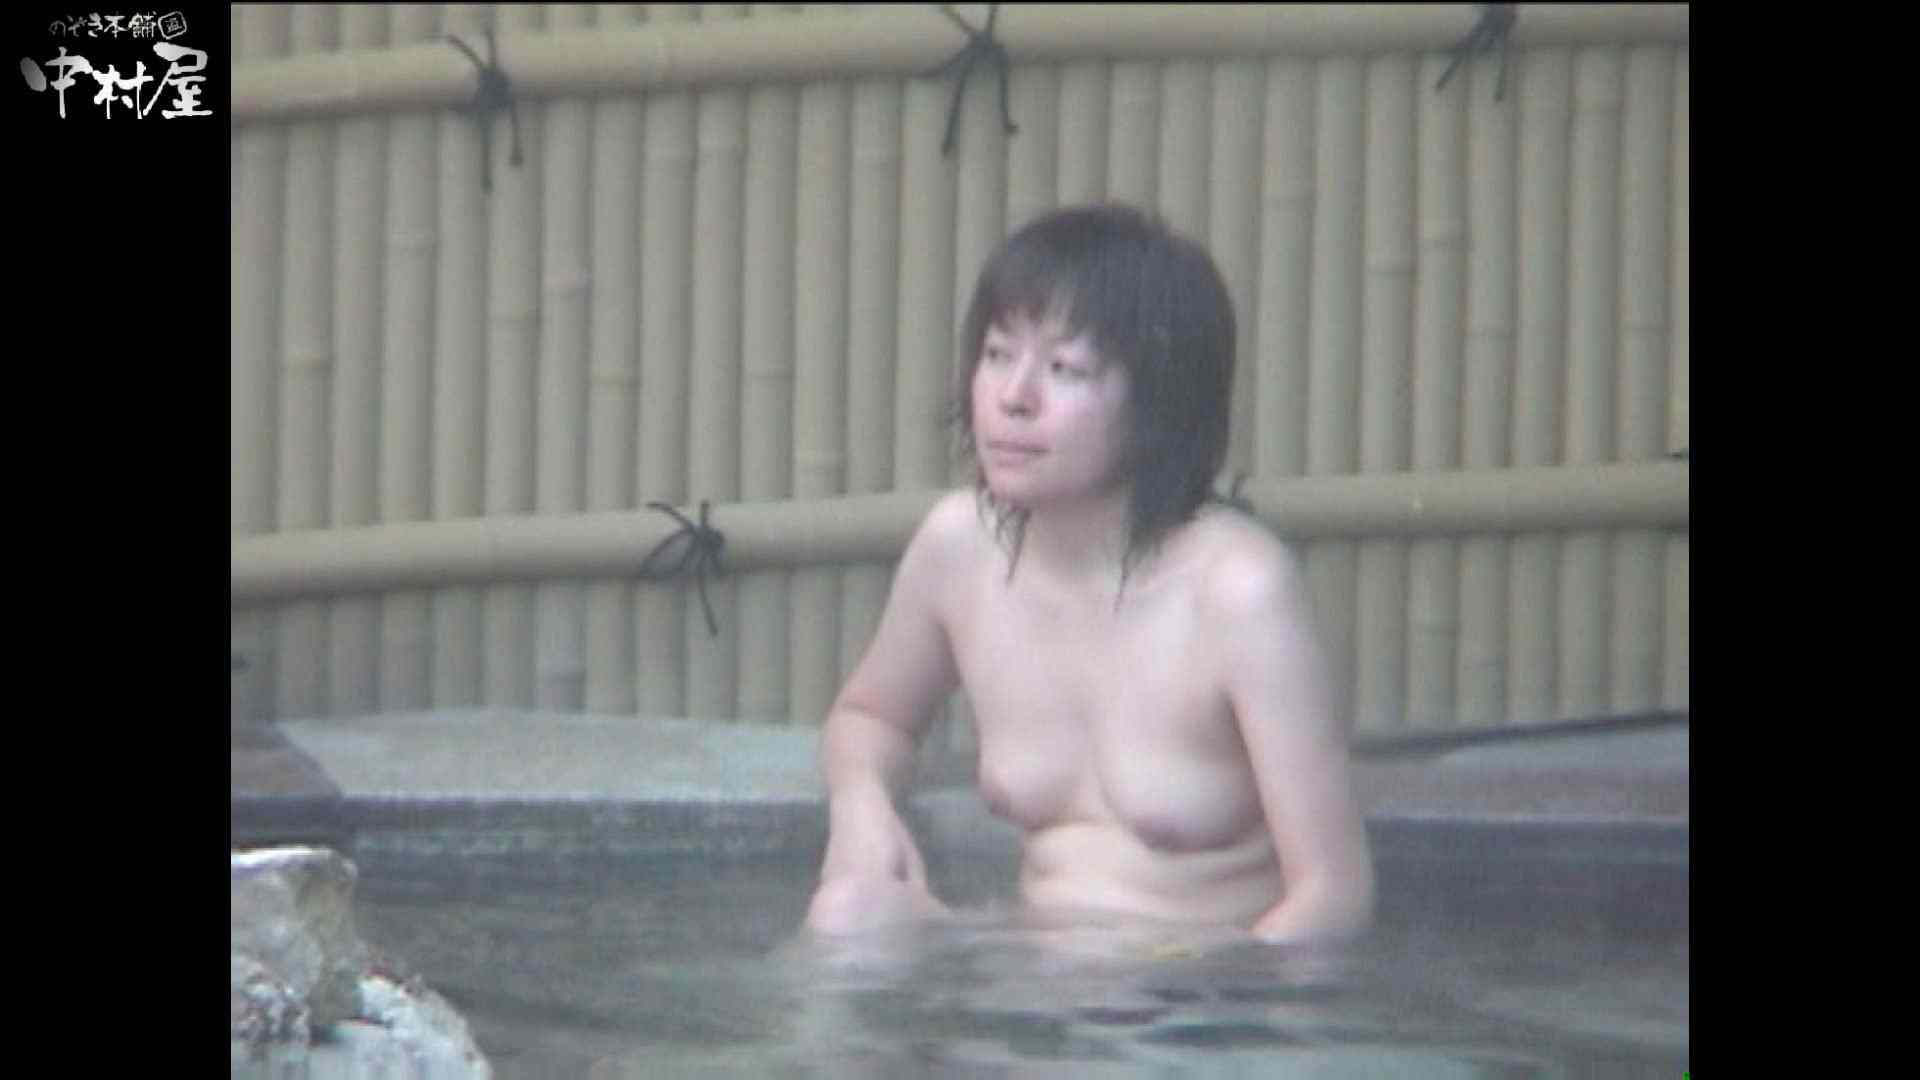 Aquaな露天風呂Vol.985 盗撮師作品 えろ無修正画像 74pic 47